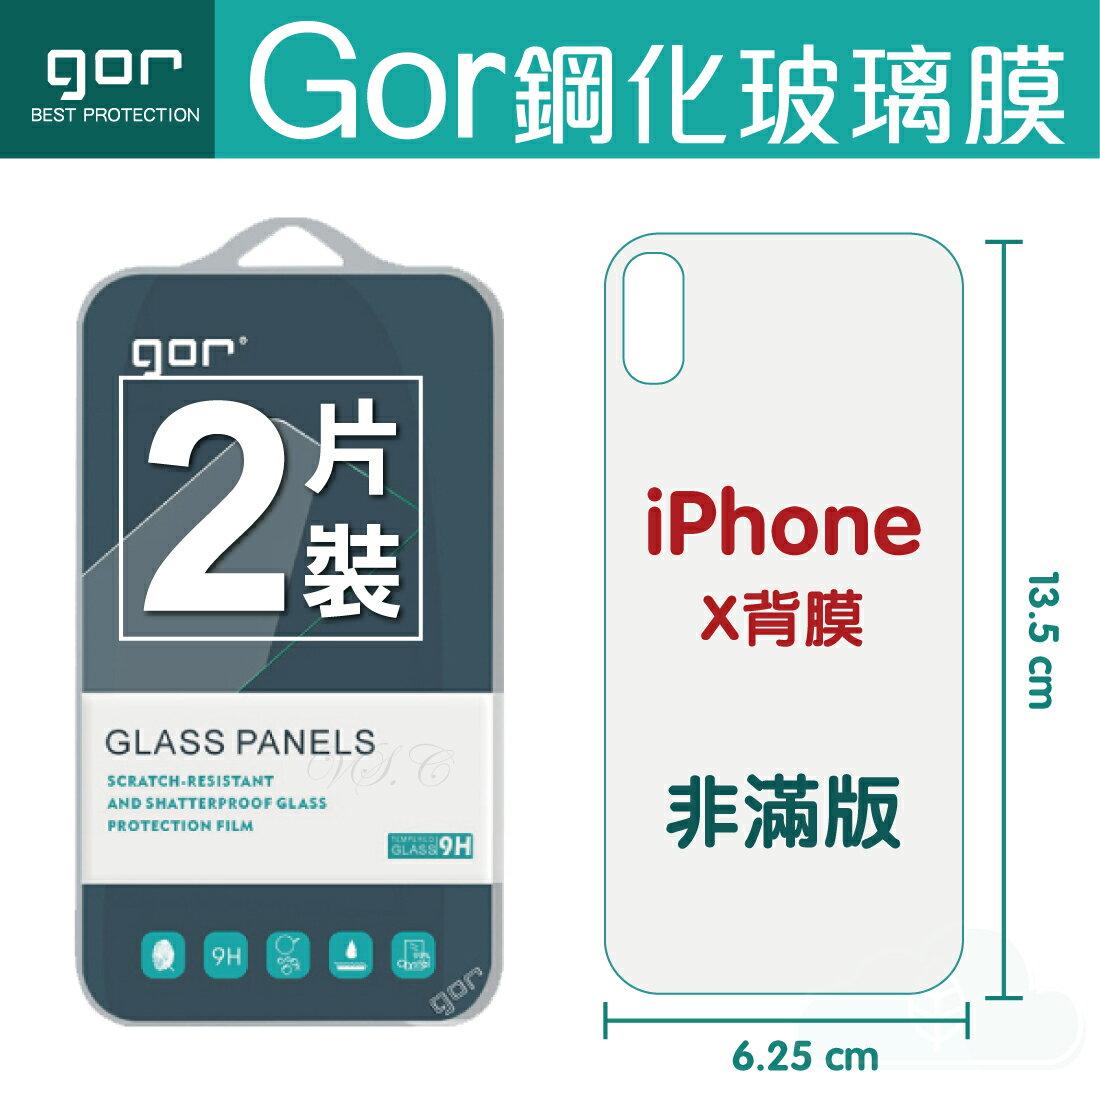 GOR 9H iPhone X /xs 背膜 鋼化 玻璃 保護貼 全透明 兩片裝 另有正面保貼 鏡頭膜 空壓殼 充電器 【全館滿299免運費】